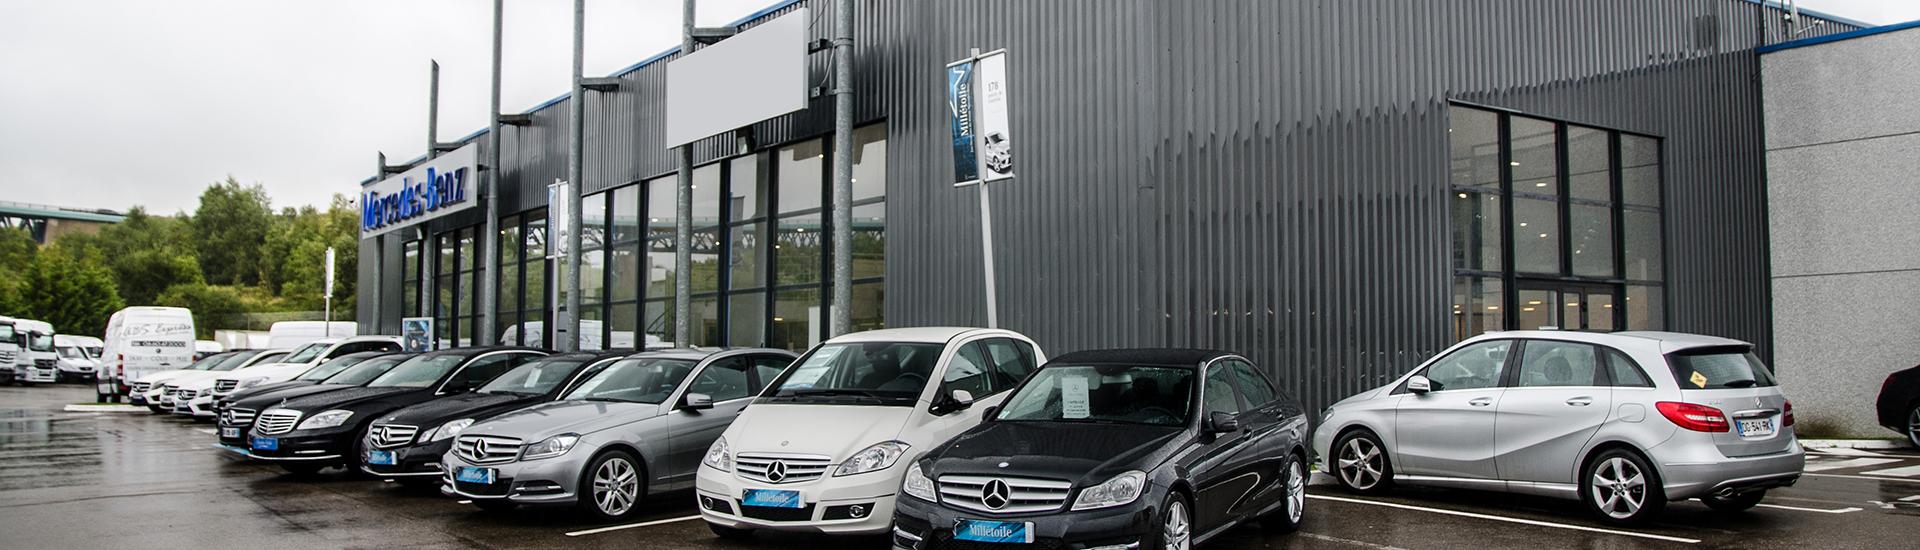 Concession SAGA Mercedes-Benz située à Boulogne-sur-mer à Isques.